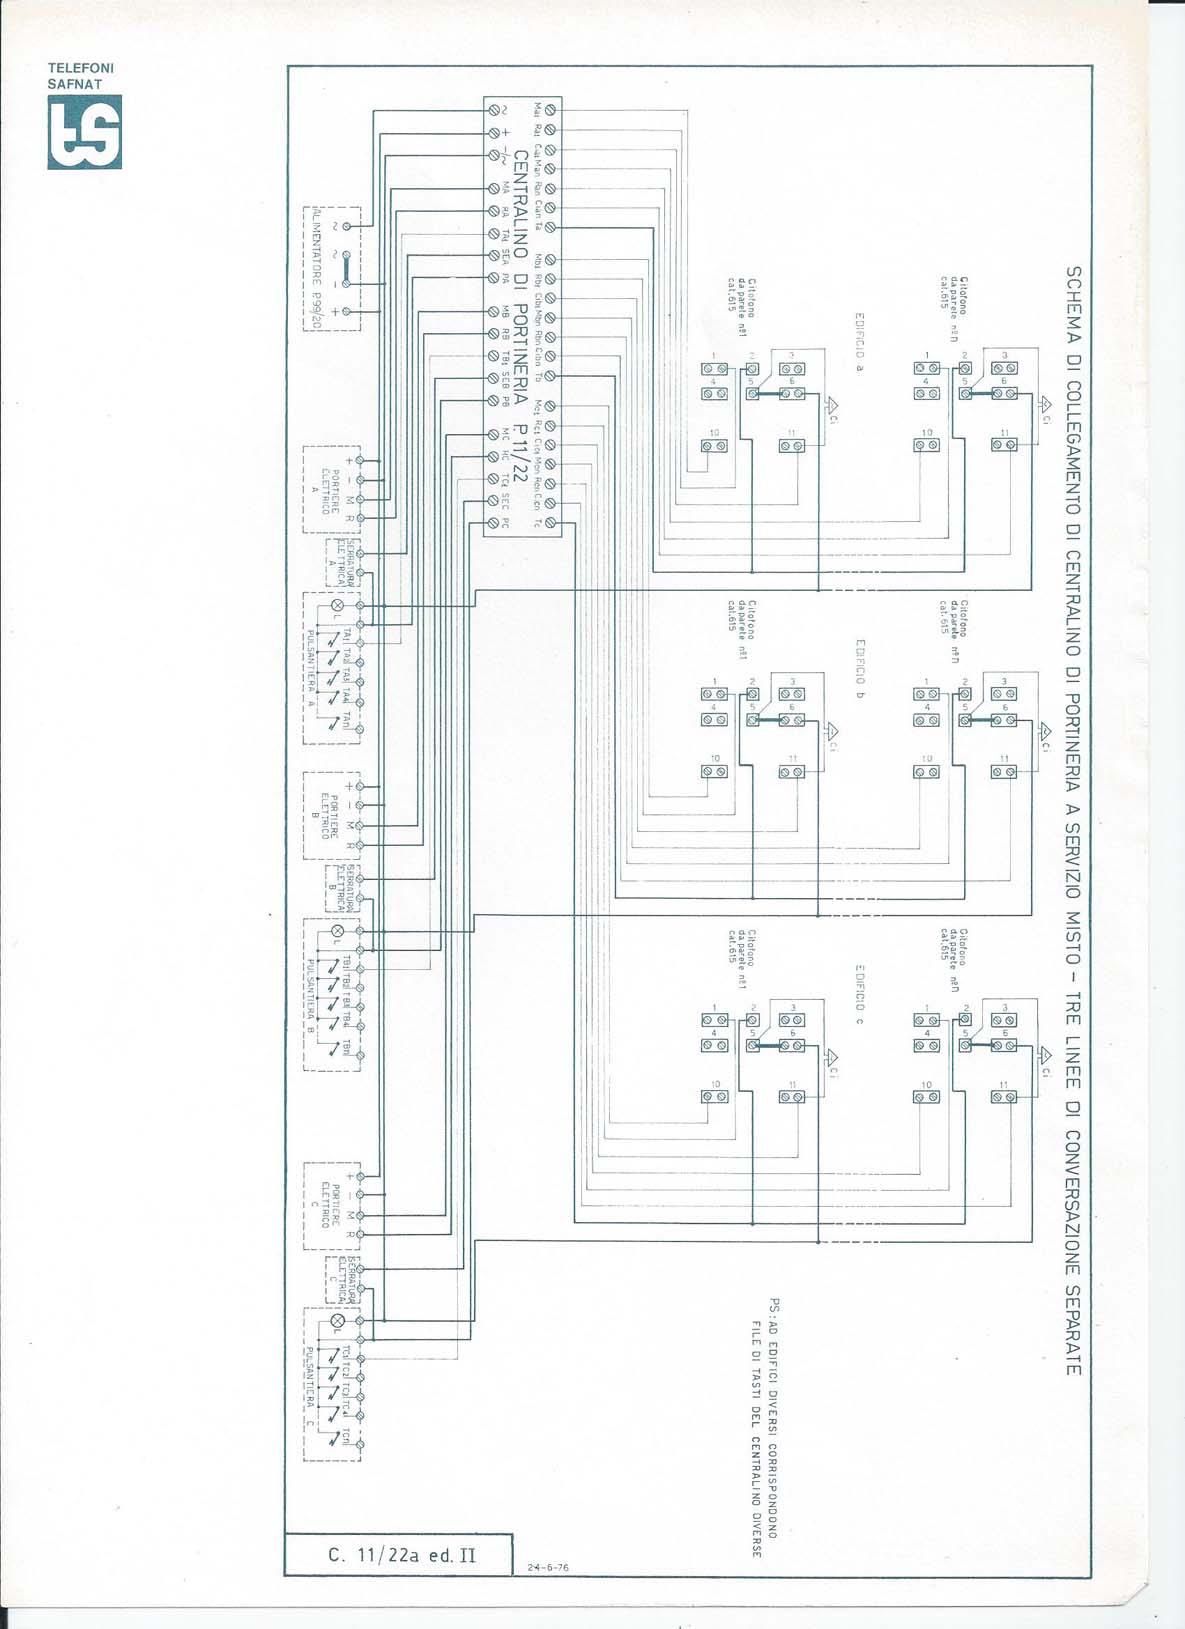 Schema Elettrico Elvox 938a : Schema elettrico elvox a sostituzione vecchio citofono